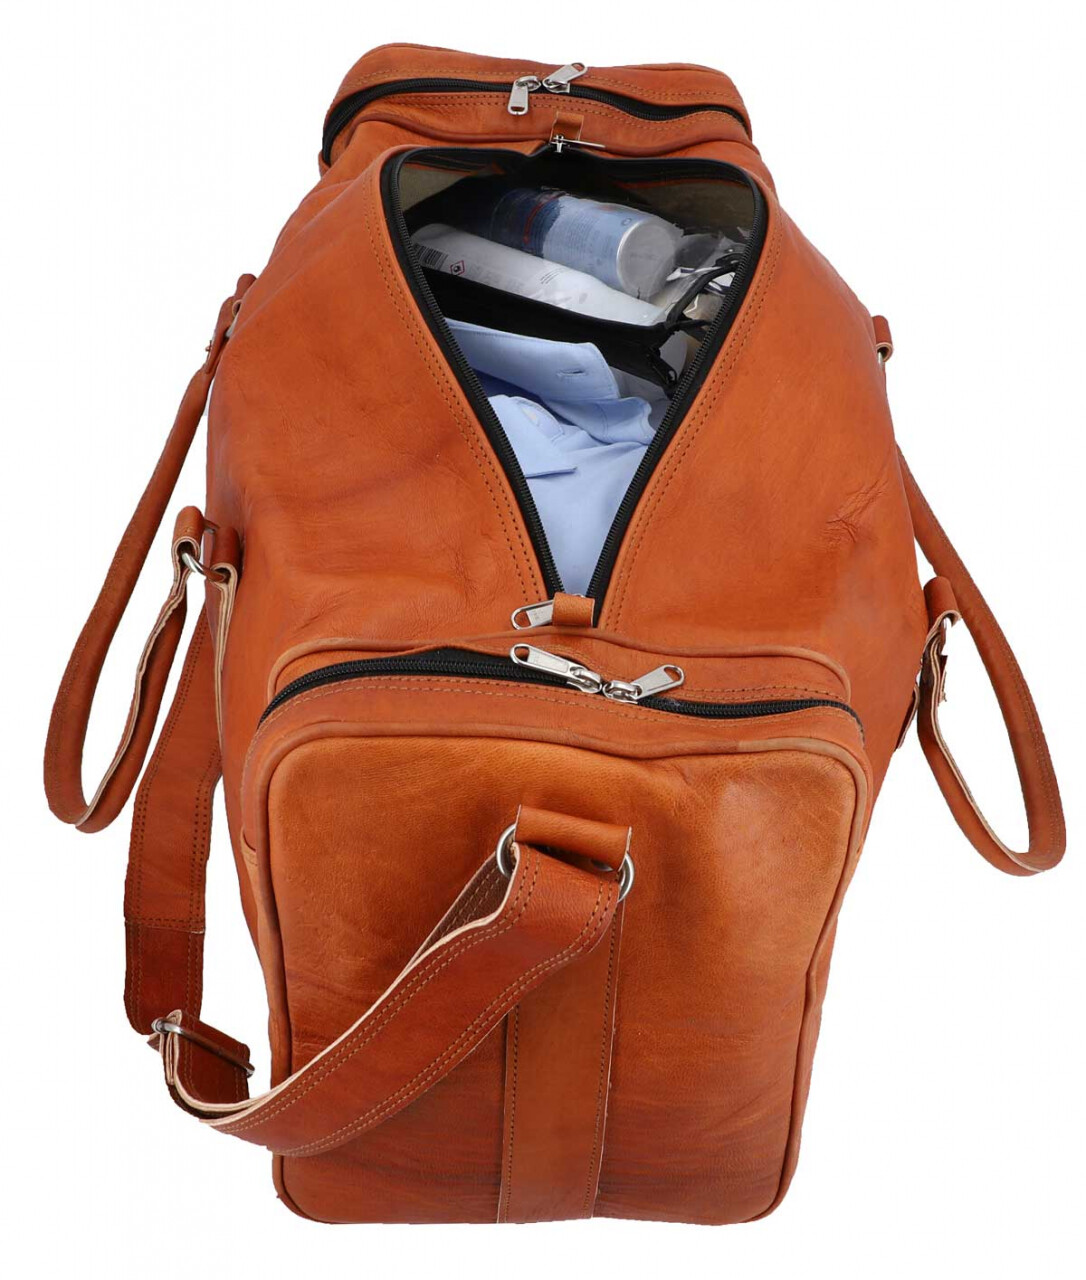 Outlet Reisetasche - leichter Rost - kleinere Lederfehler - andere Innenfutter Farbe - ansonsten n